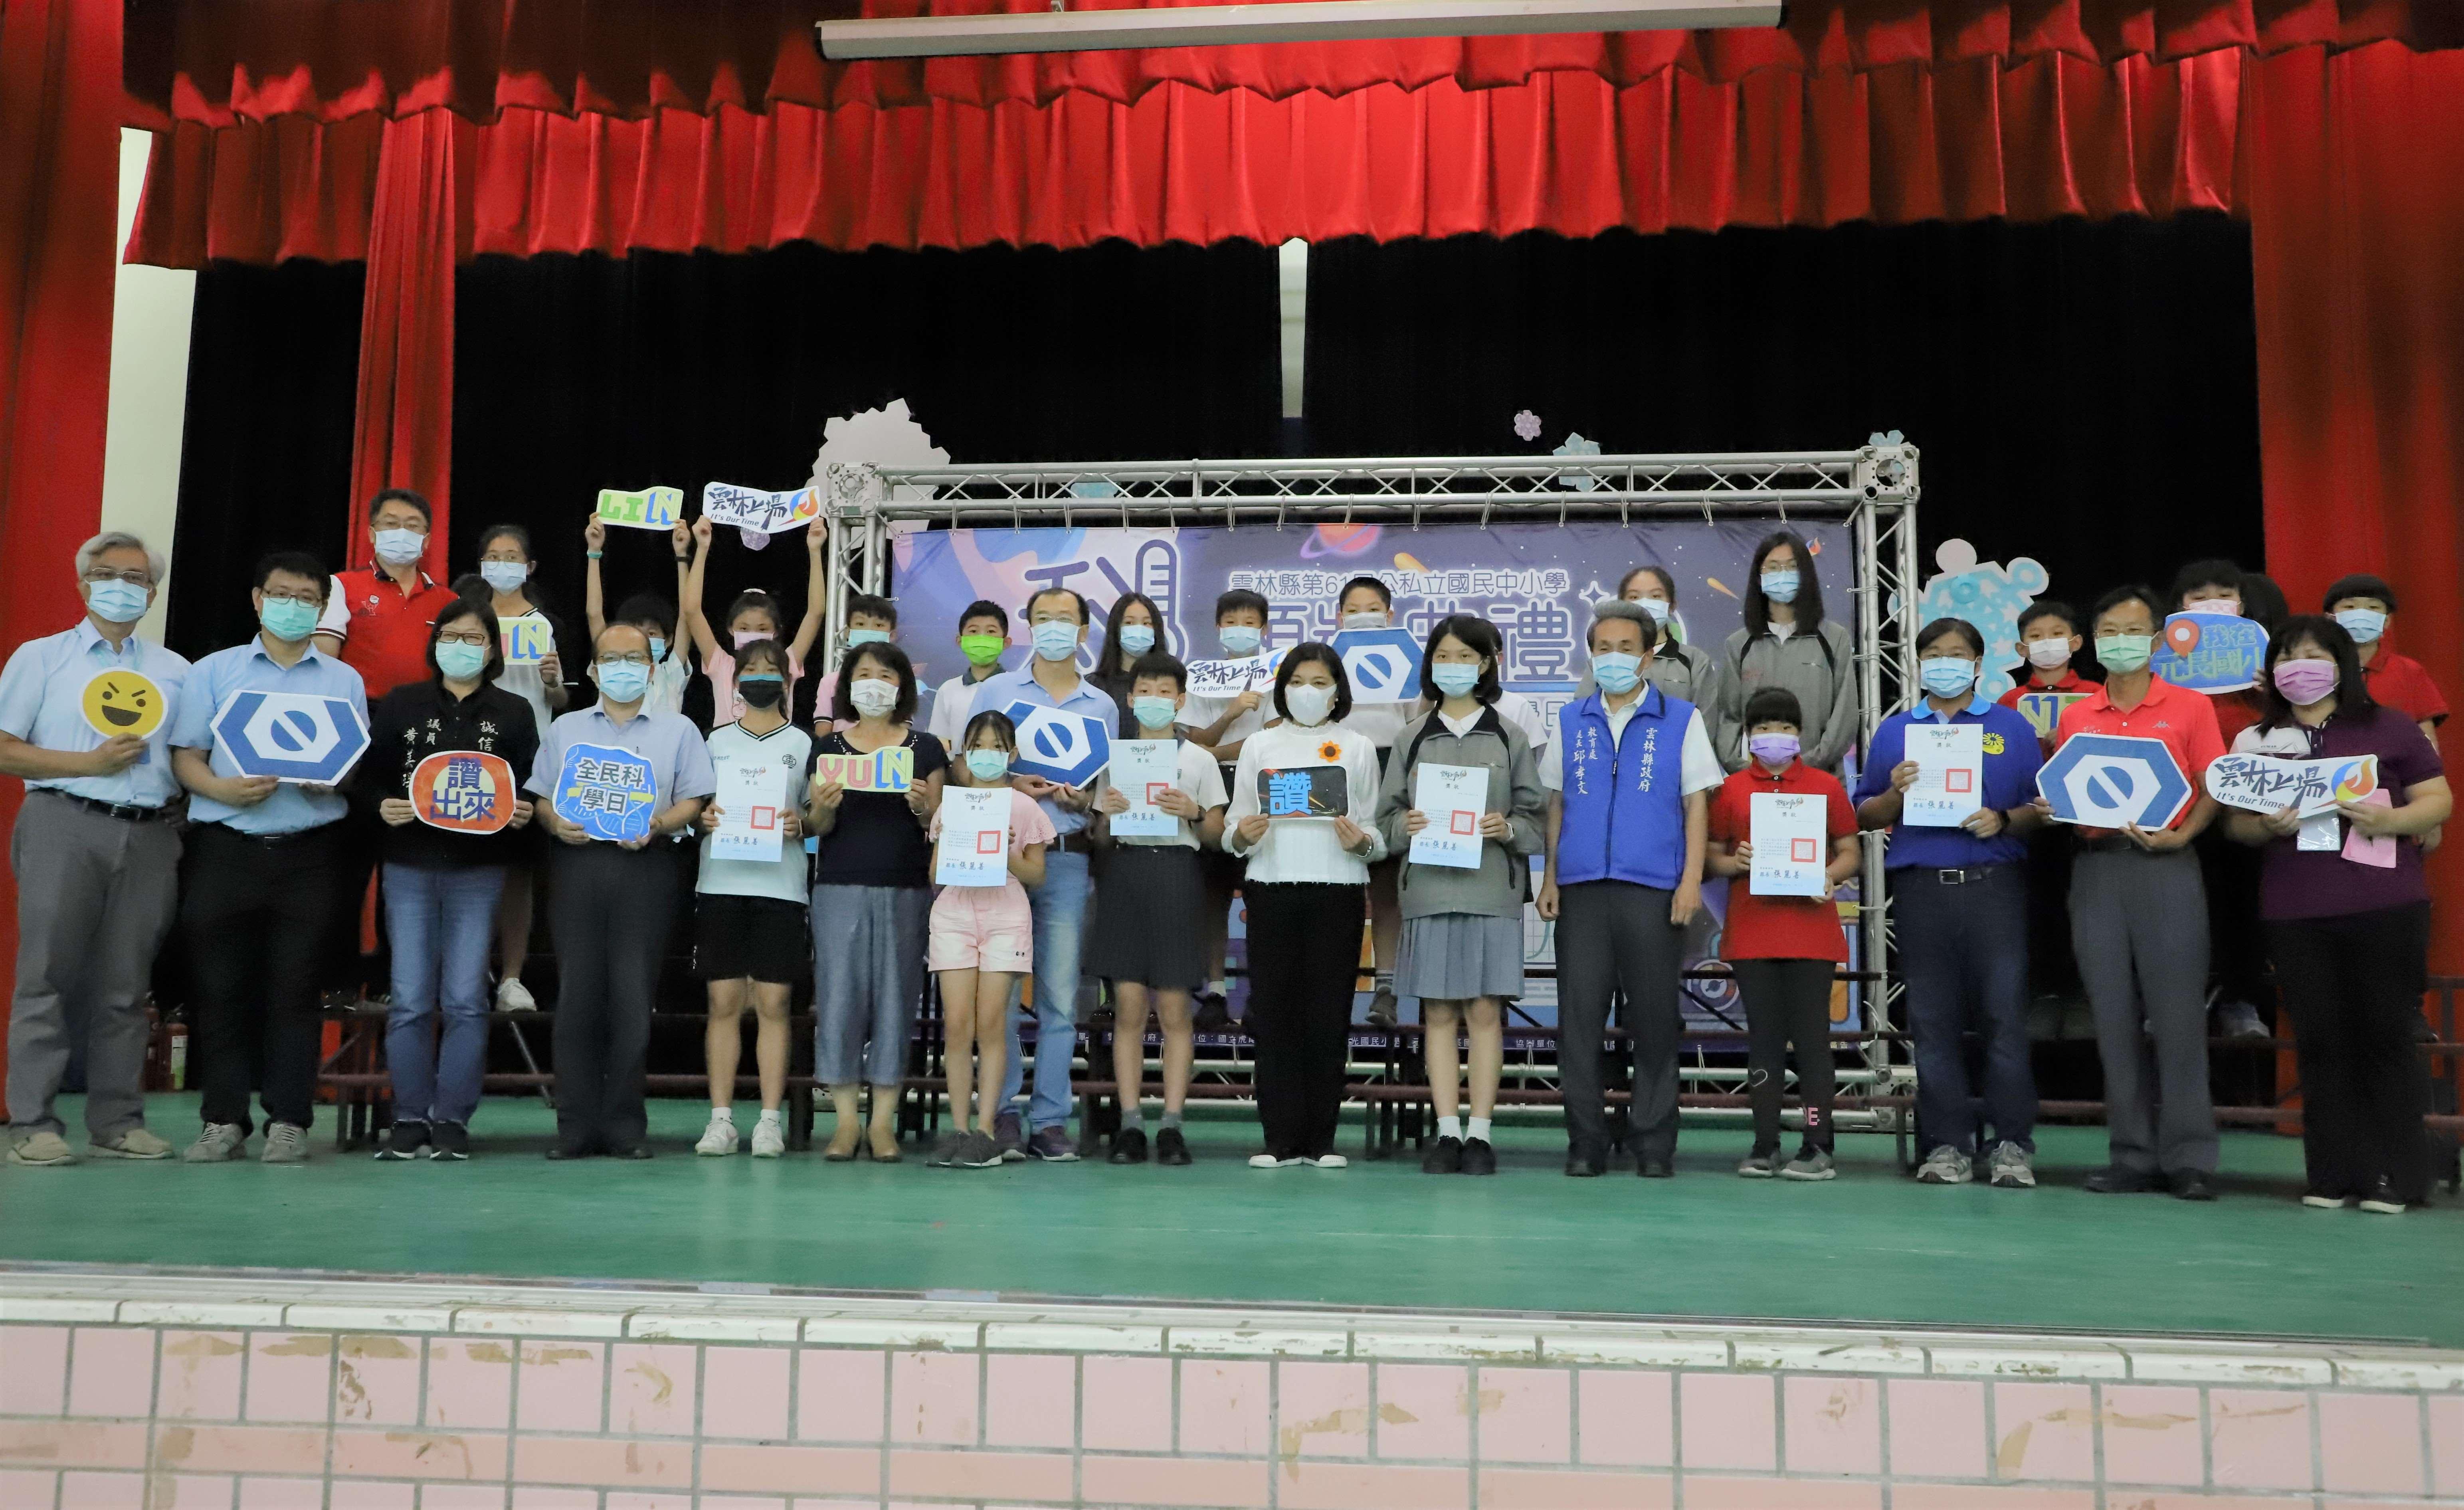 第61屆公私立國民中小學科學展覽頒獎典禮,縣長張麗善親自到場嘉勉得獎學生及老師。